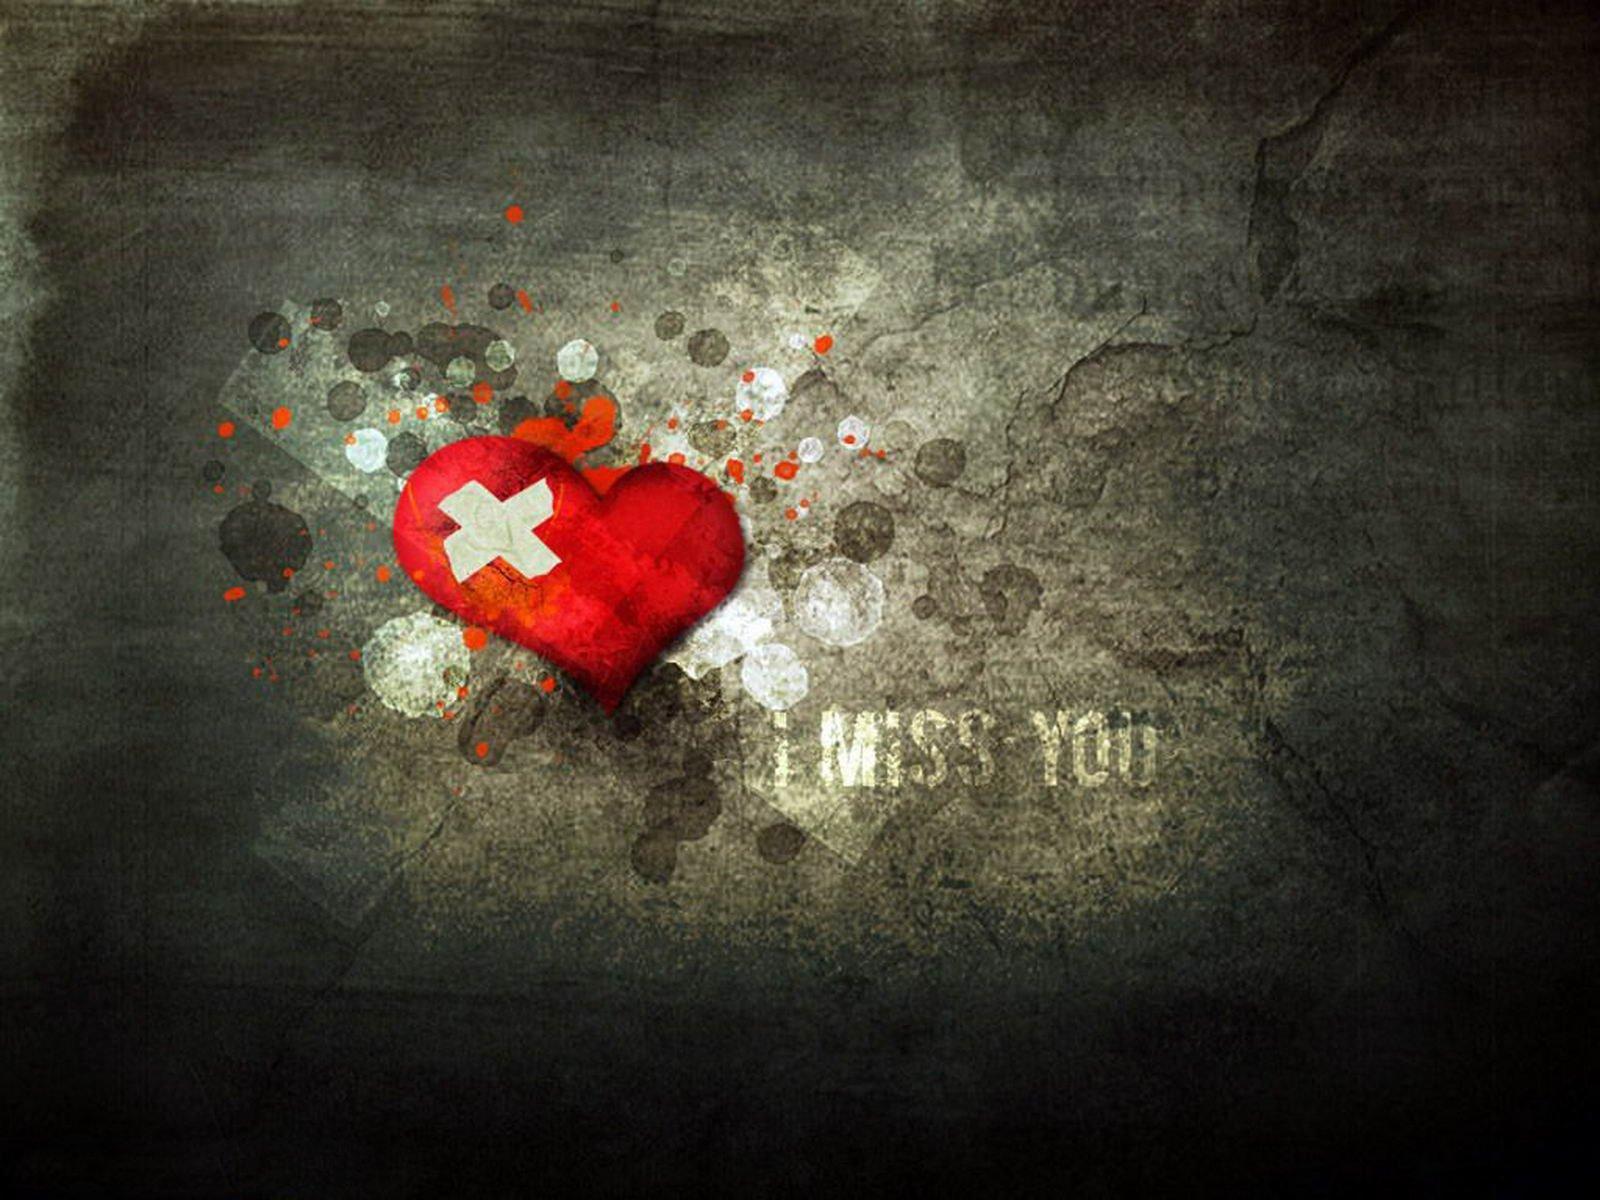 Dimenticare un amore: quanto tempo ci vuole?